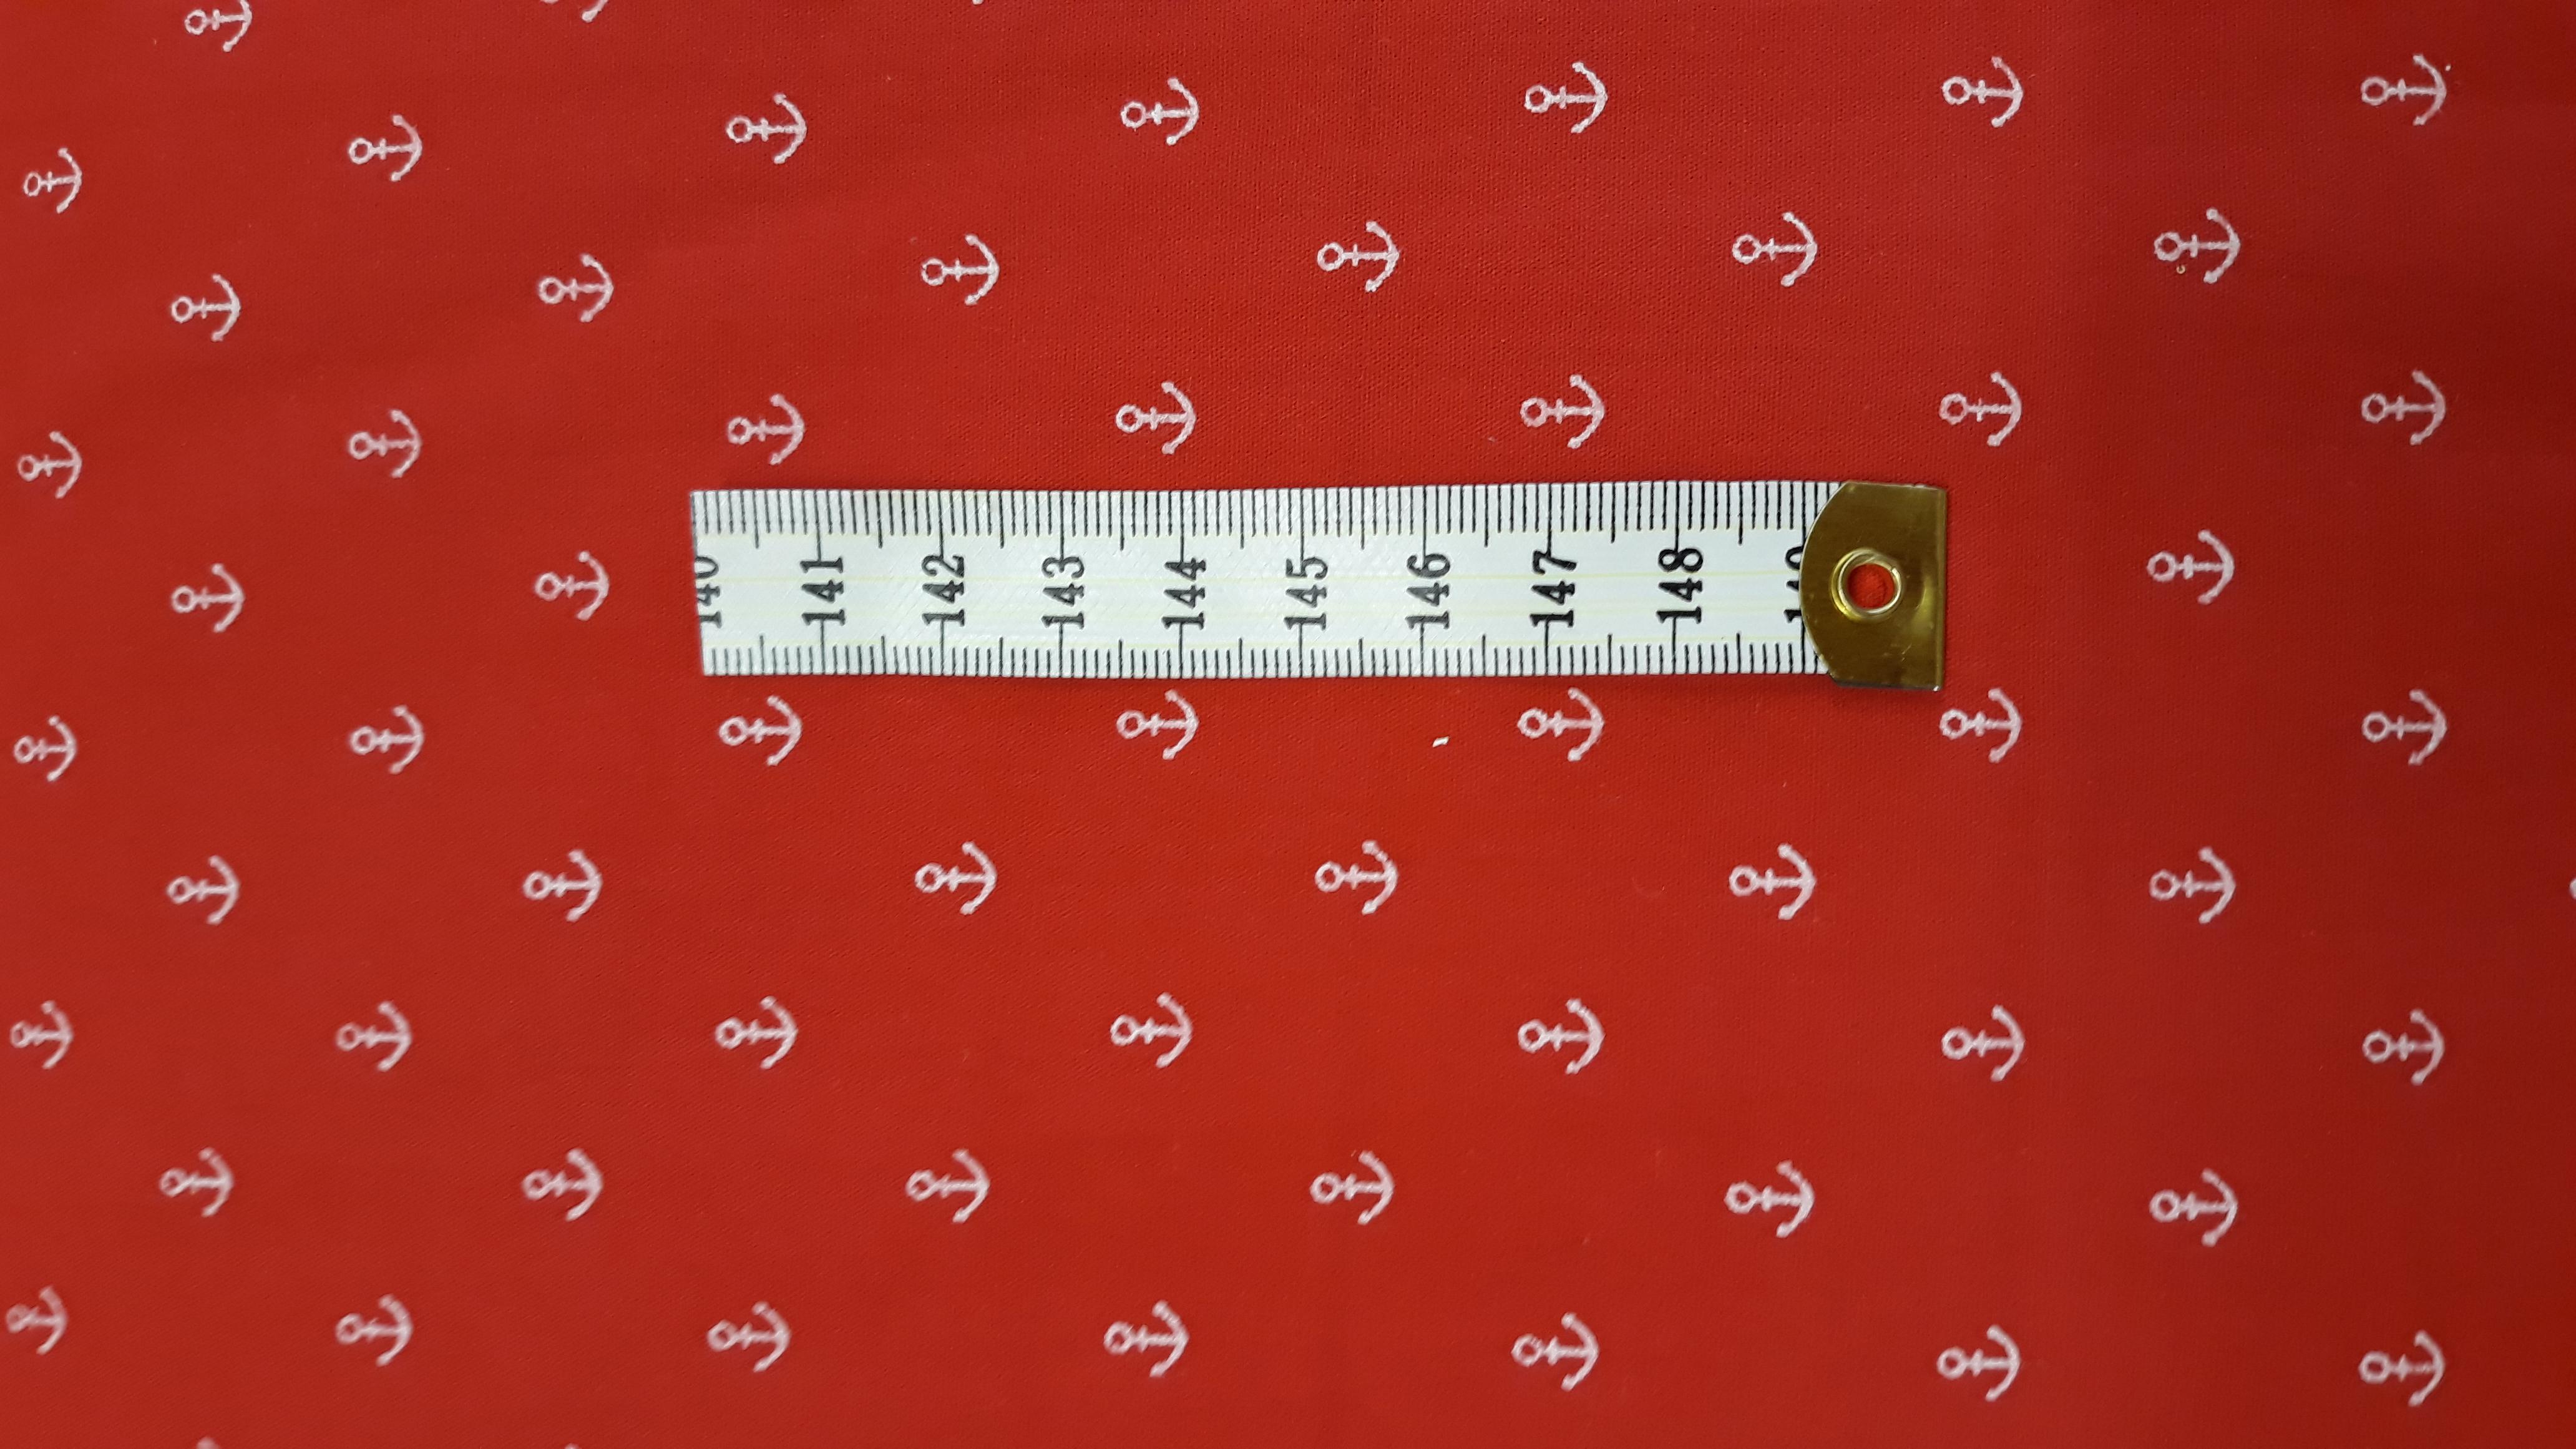 e1ab35b124b3 bílé kotvičky na červené empty